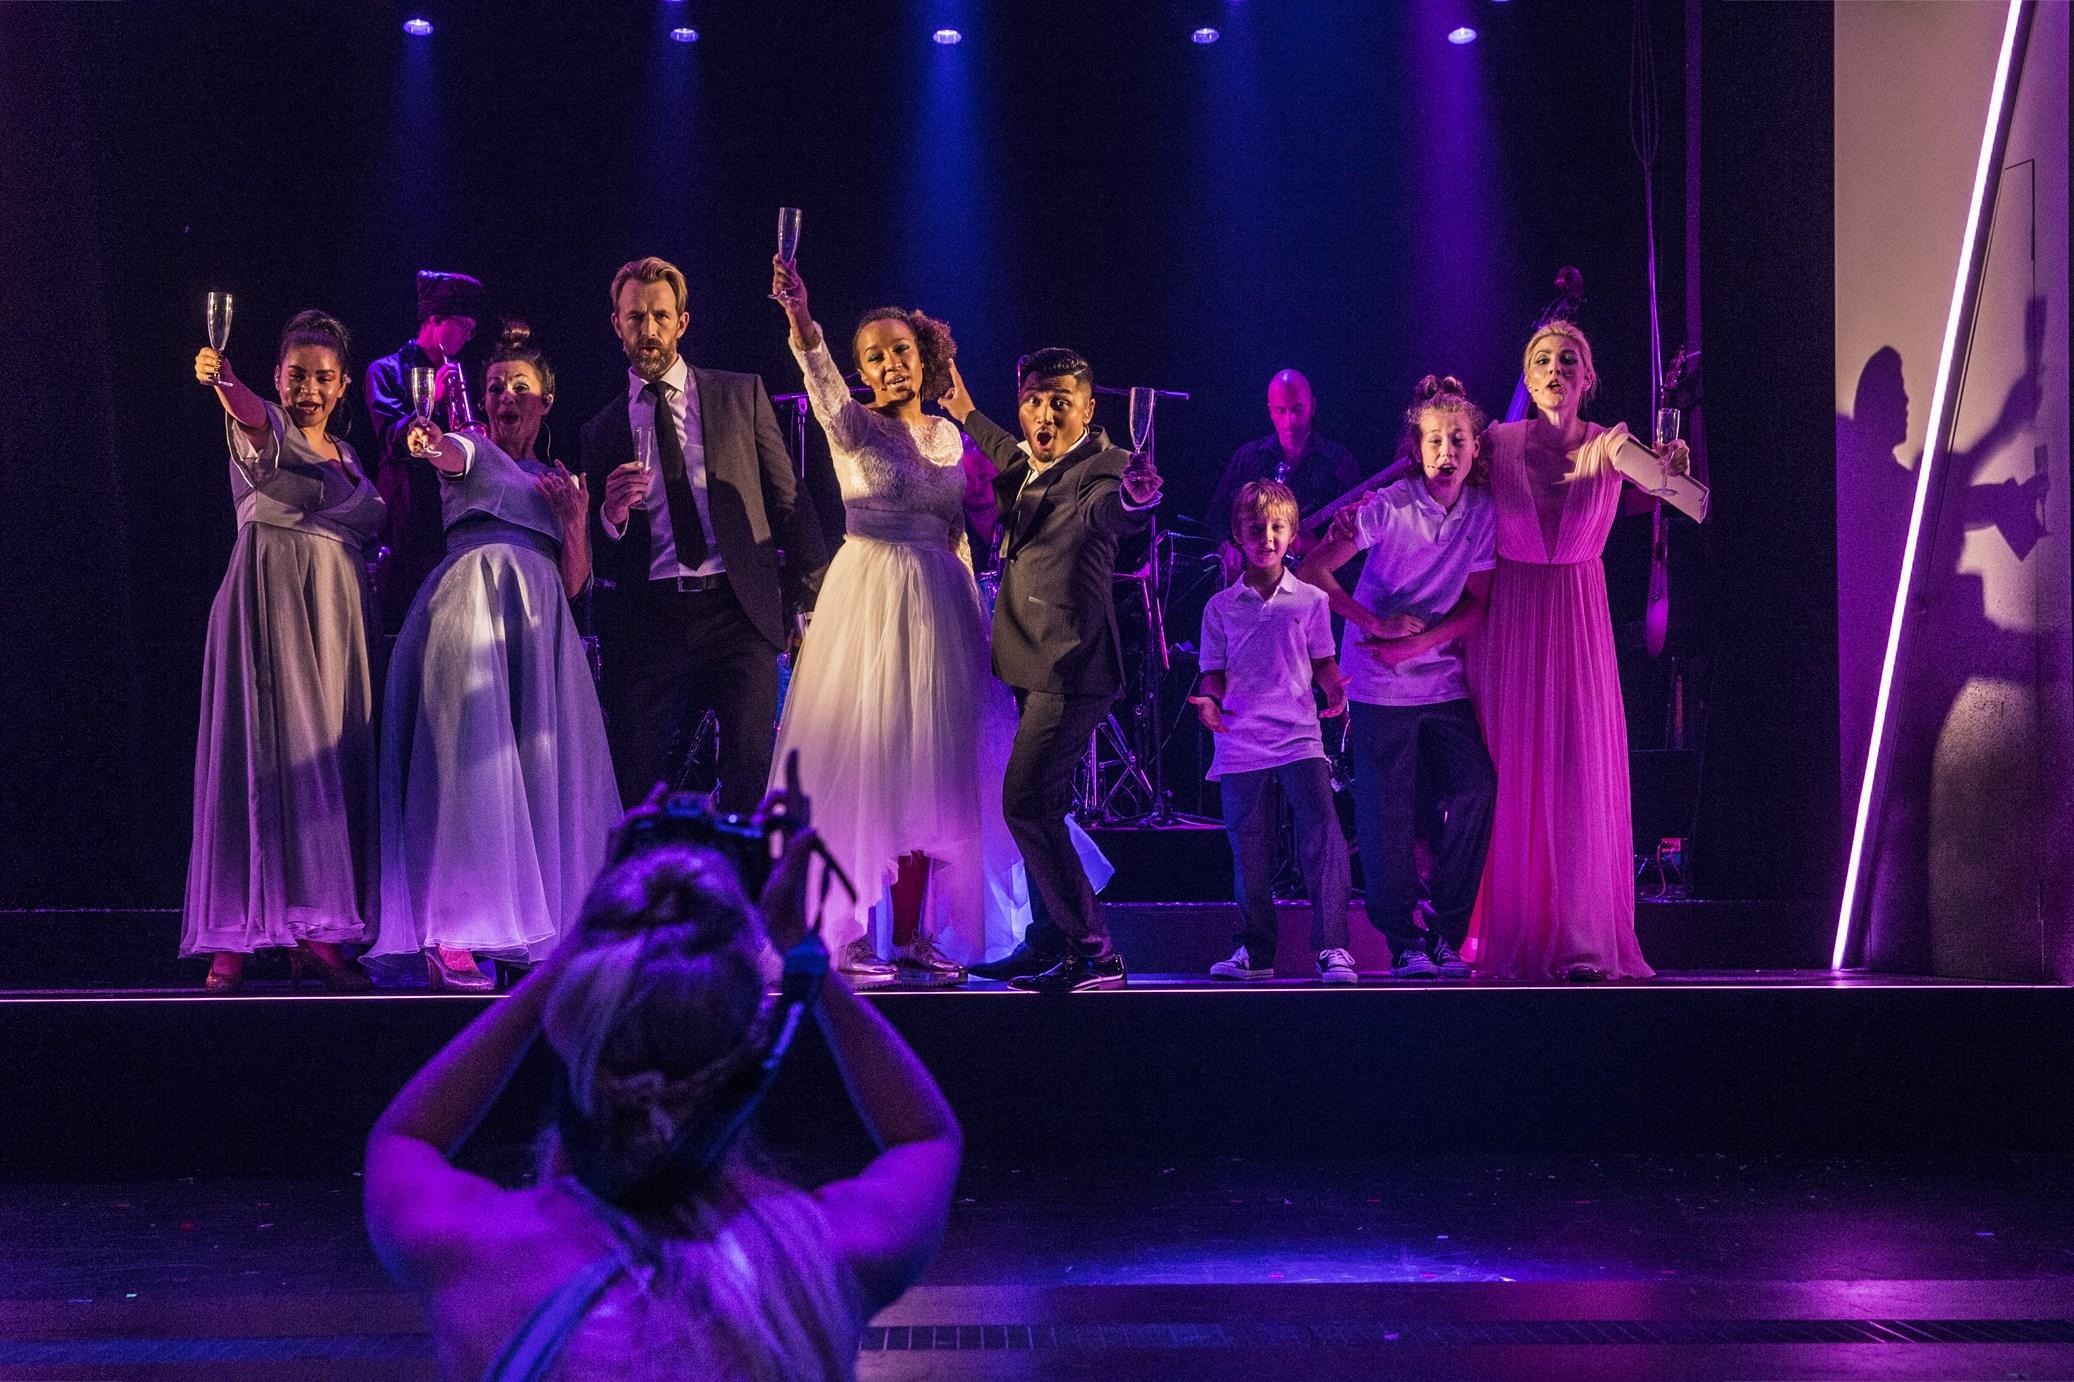 Anmeldelse: Efter brylluppet, Betty Nansen Teatret (i samarb. med Musikhuset Aarhus)